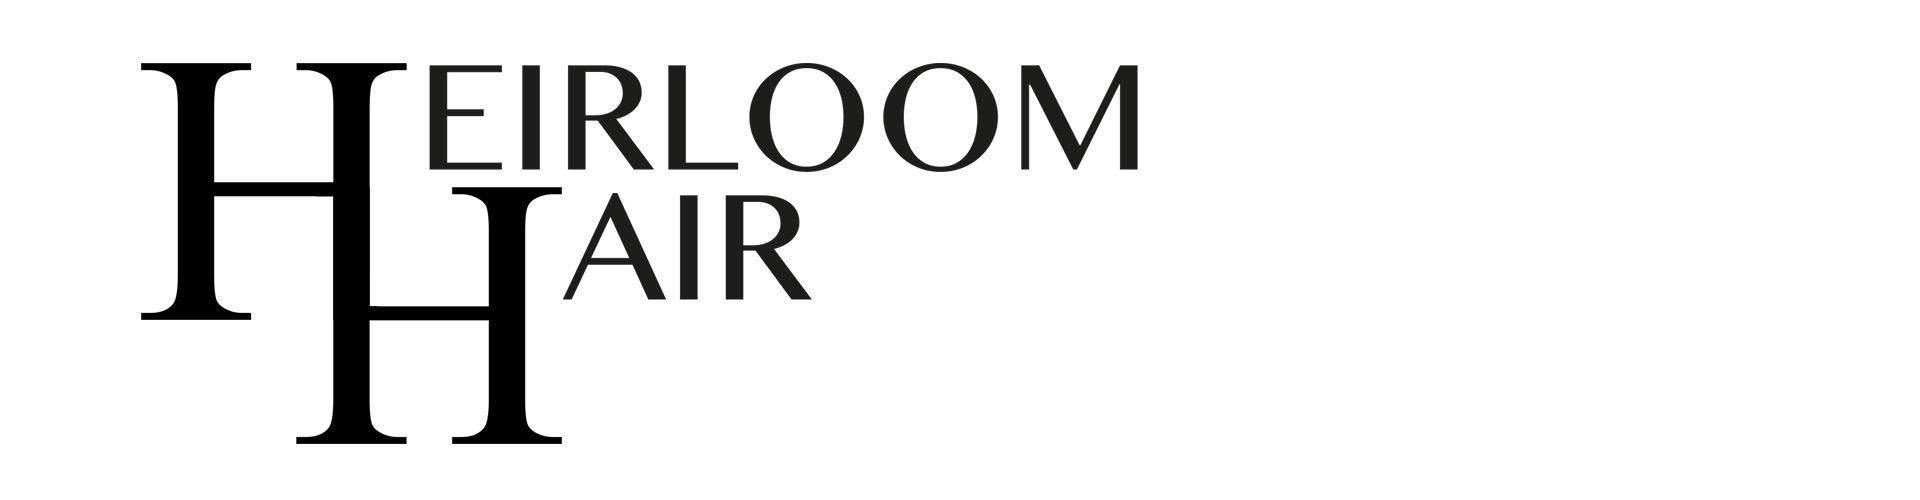 Heirloom Hair